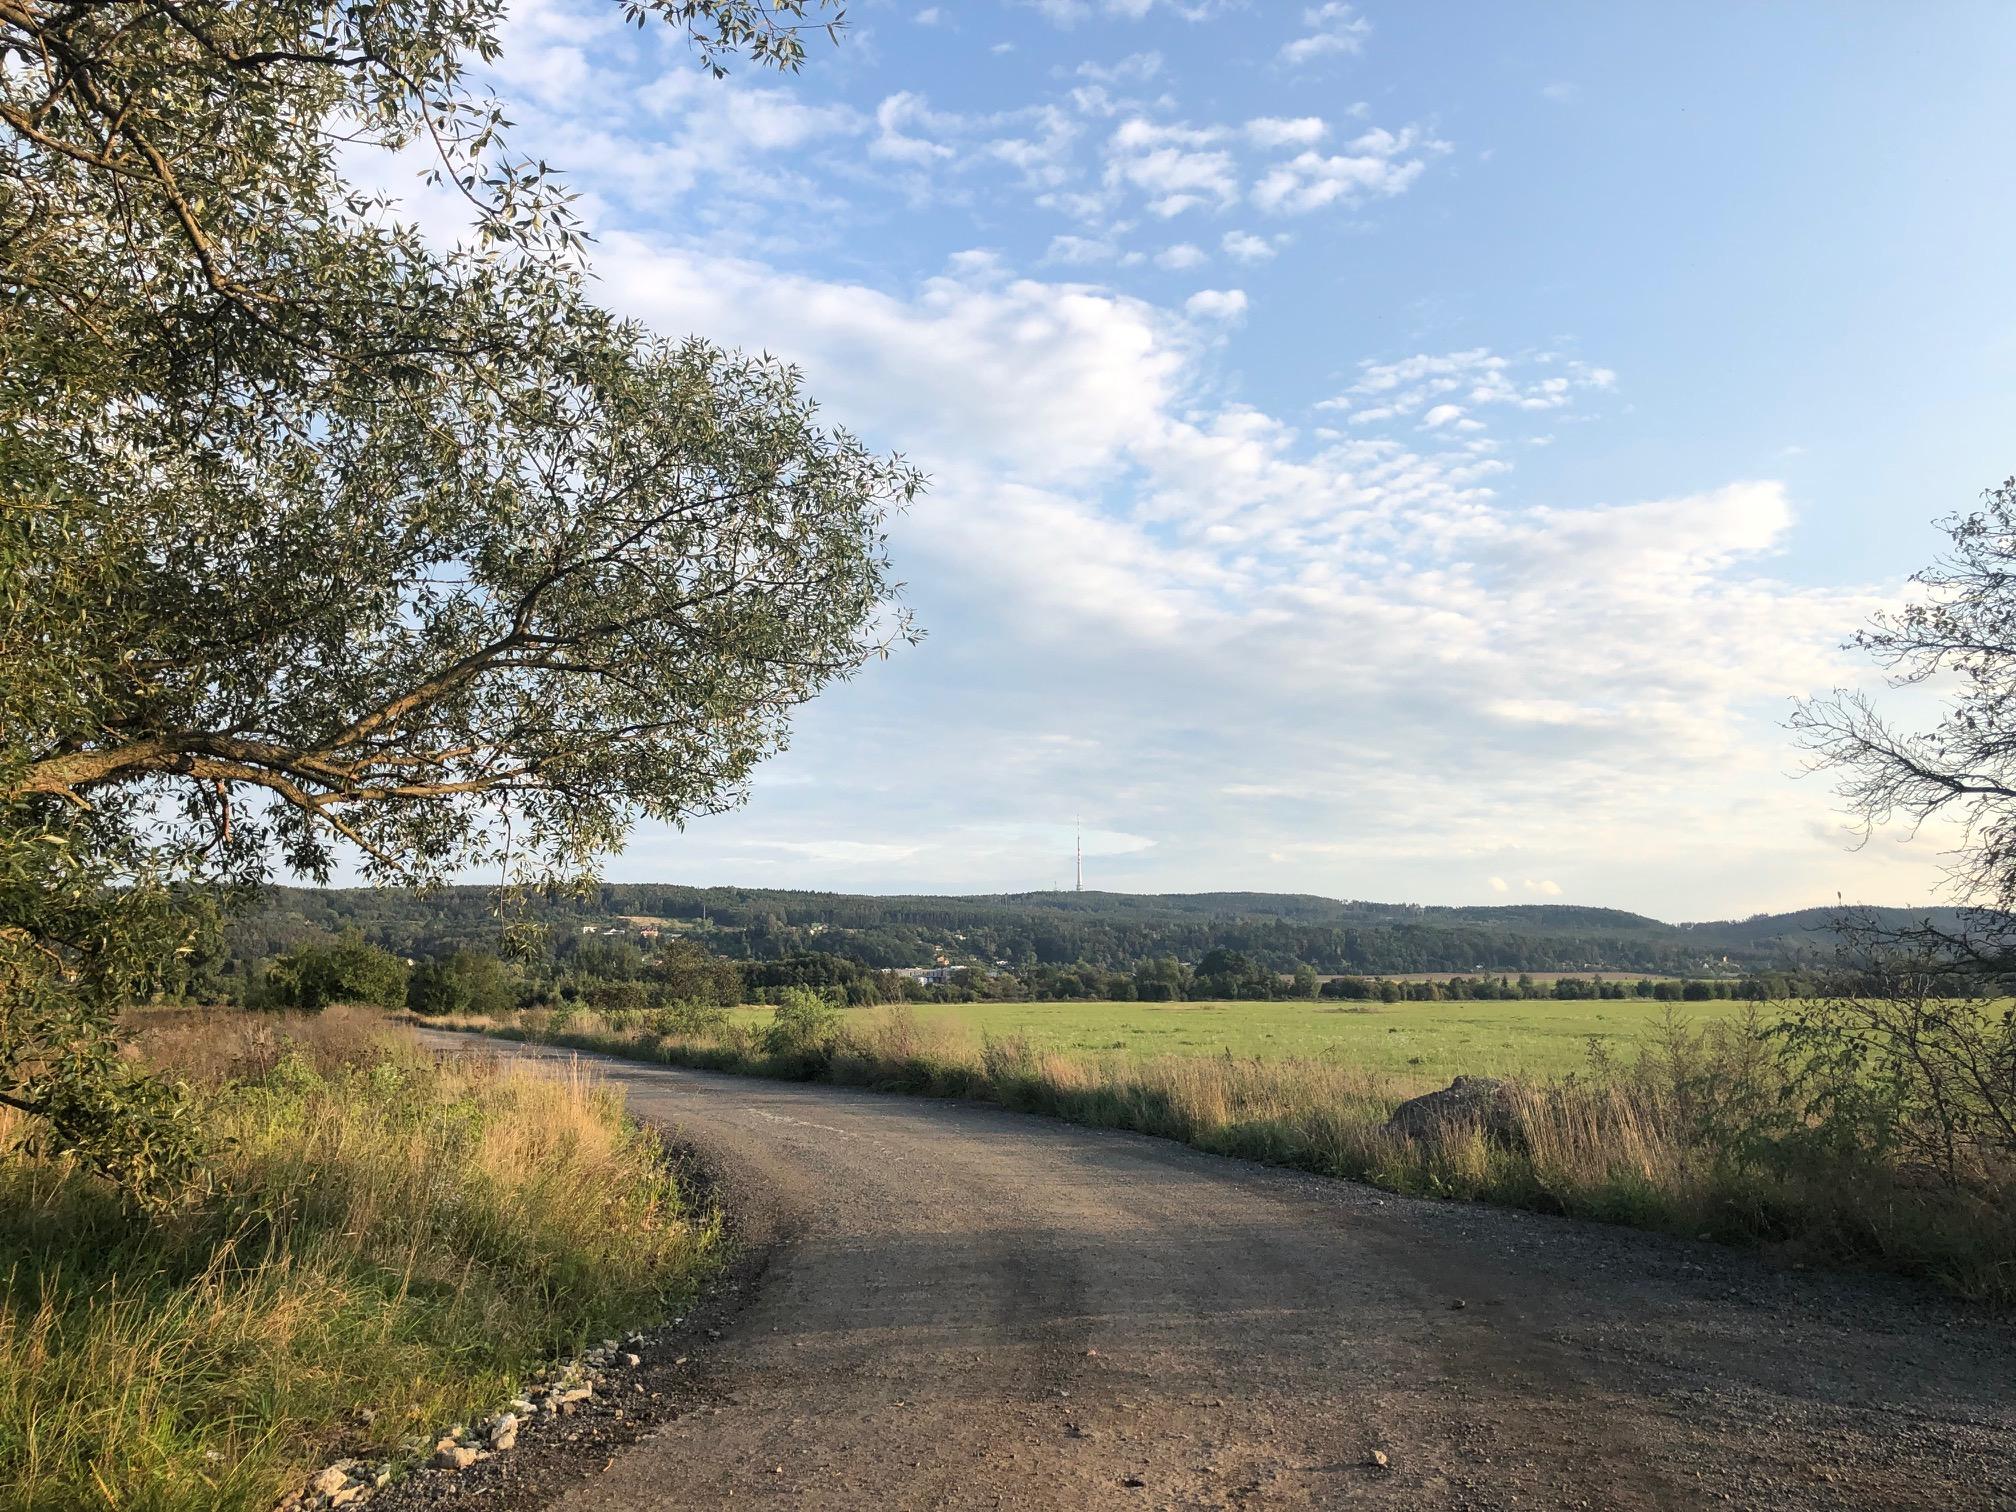 Krajinný ekolog není krajinný architekt